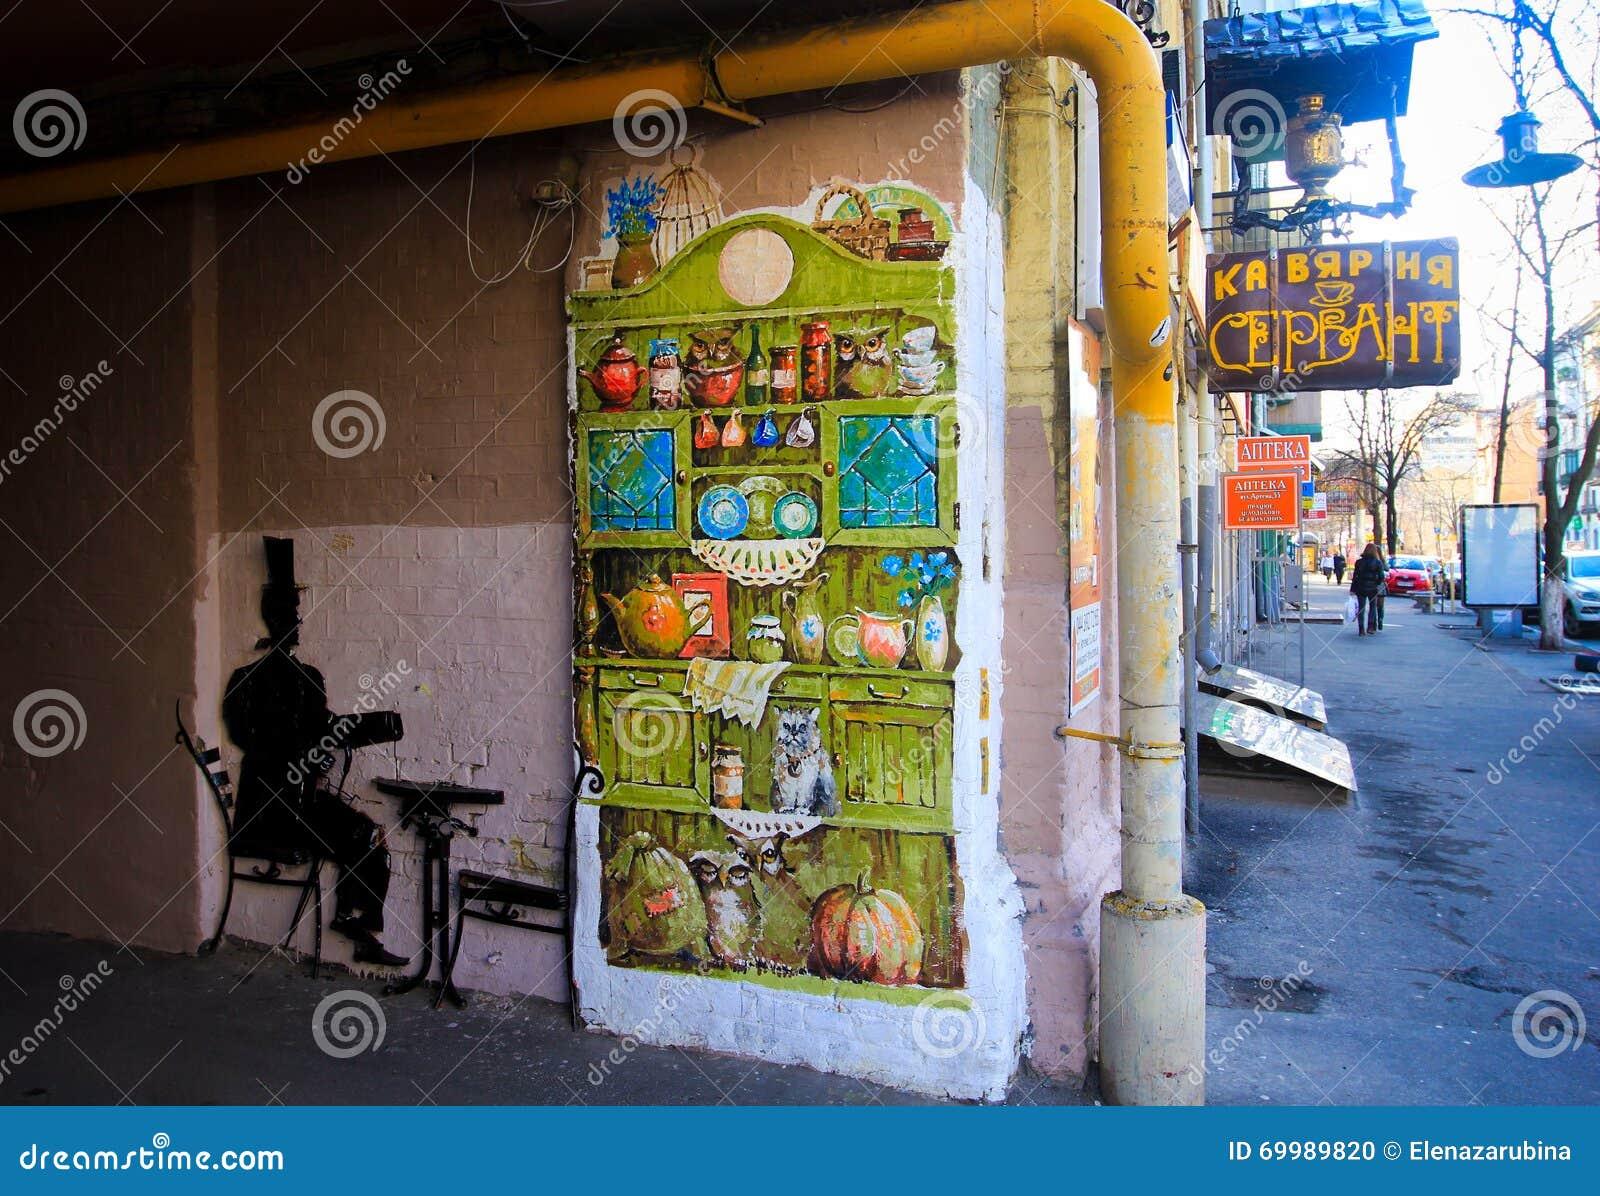 bfaebc0f84 Μοντέρνα τέχνη οδών στο Κίεβο Ουκρανία - οι τεράστια τοιχογραφίες και τα  γκράφιτι στους τοίχους ως τμήμα της τέχνης προγράμματος μας ένωσαν